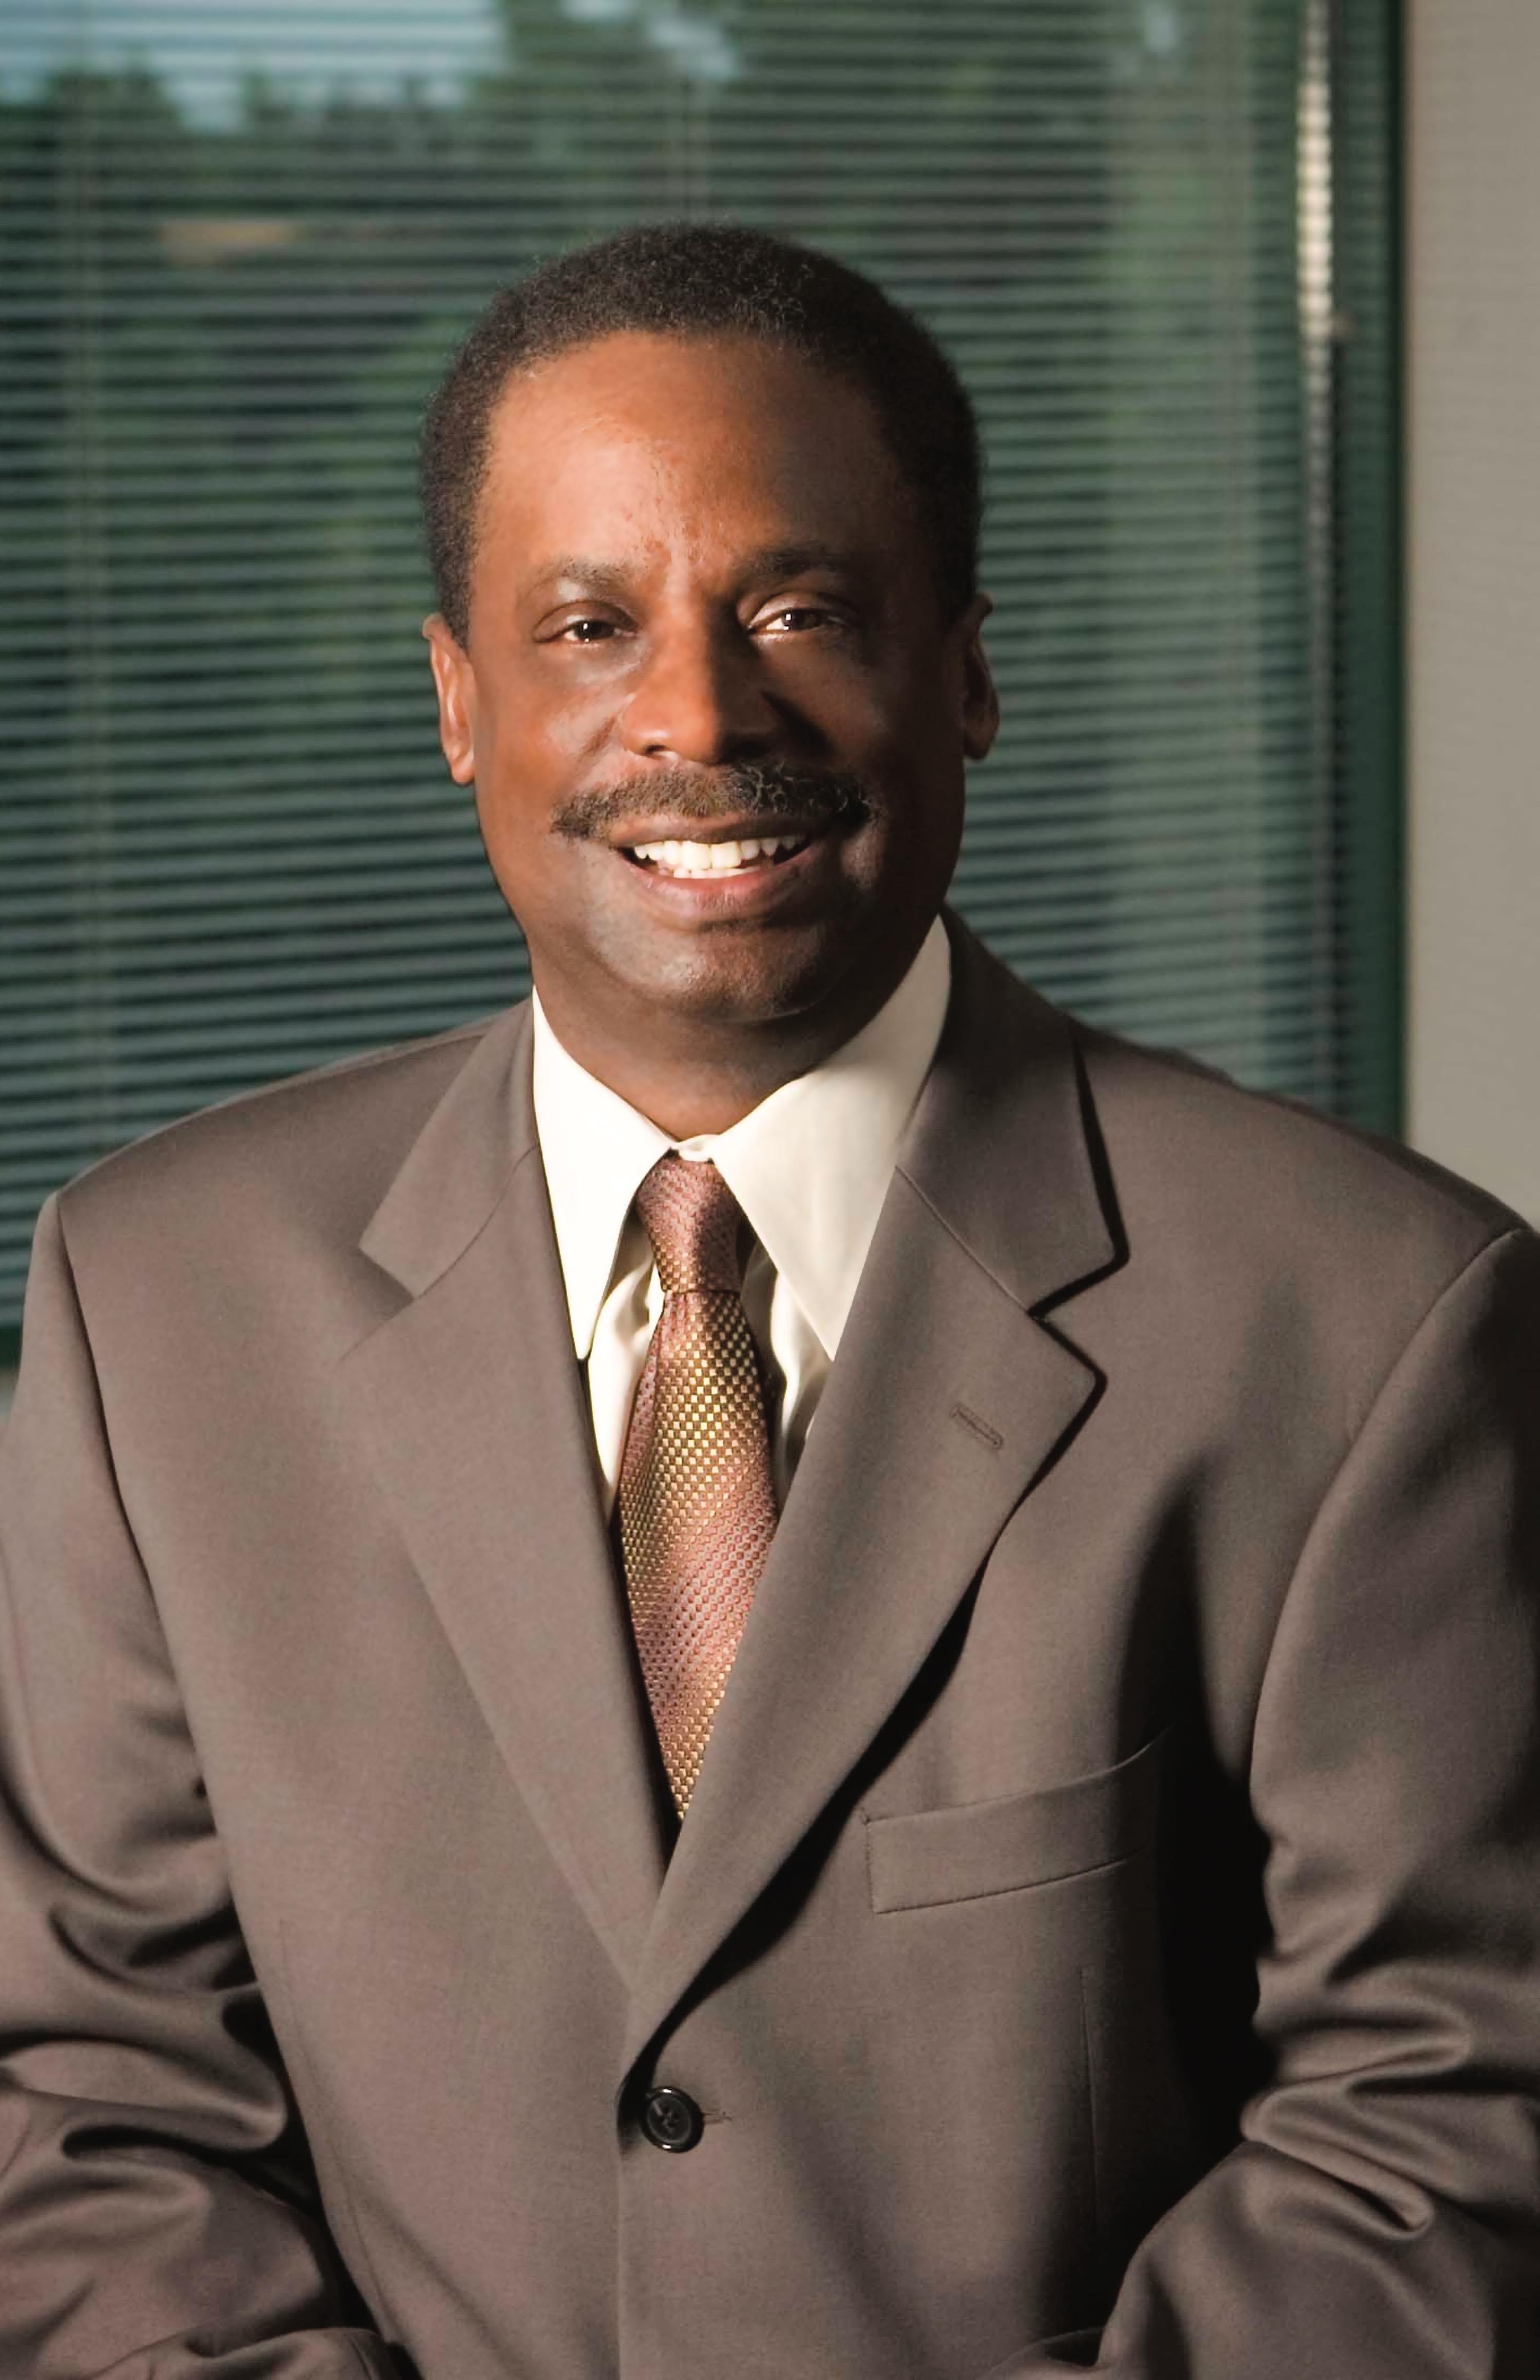 Warren D. Harris, Director of Economic Development City of Virginia Beach